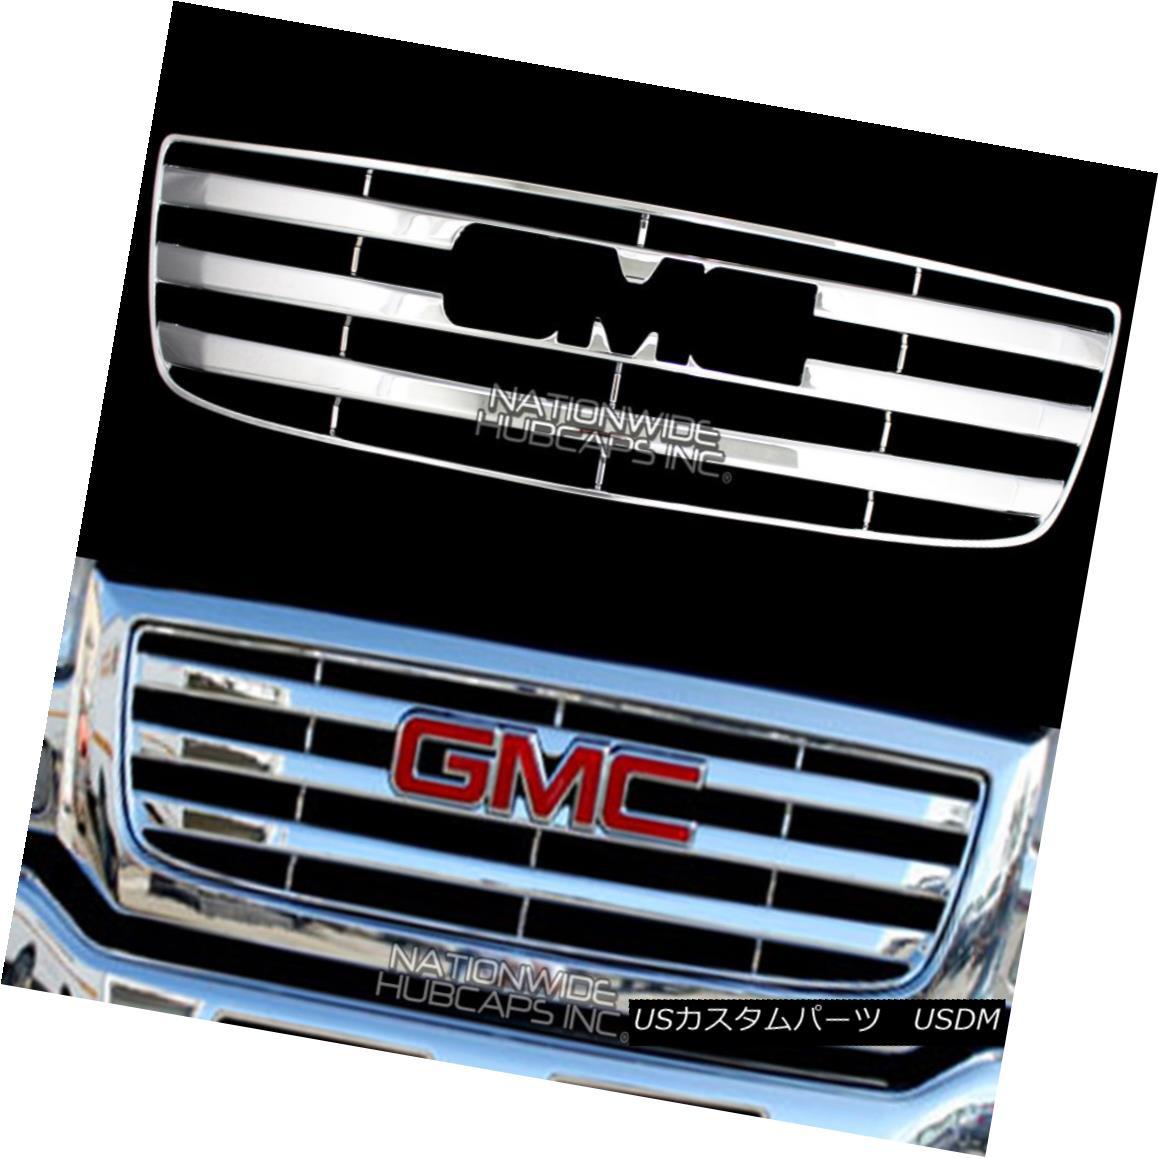 USグリル 2003-2006 GMC Sierra 1500 CHROME Snap On Grille Overlay Grill Cover Front Insert 2003-2006 GMC Sierra 1500 CHROMEスナップオングリルオーバーレイグリルカバーフロントインサート